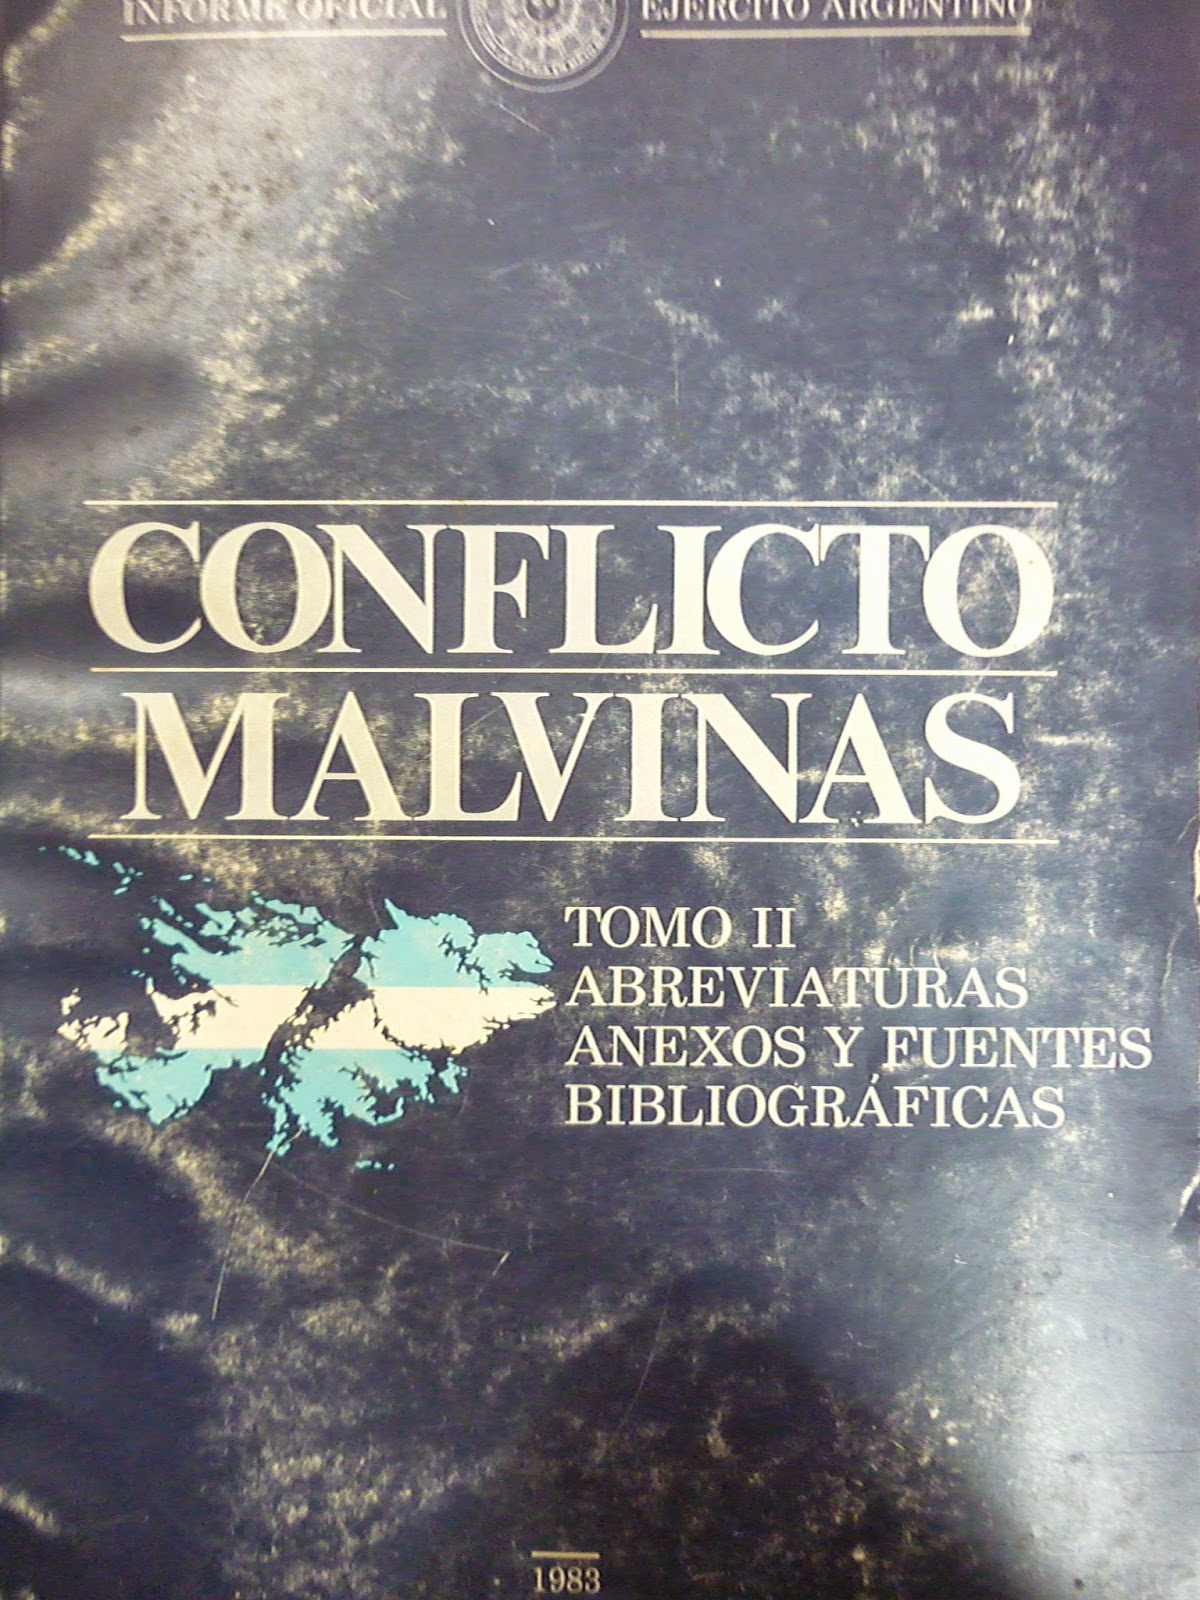 TOAS - Guerra de Malvinas